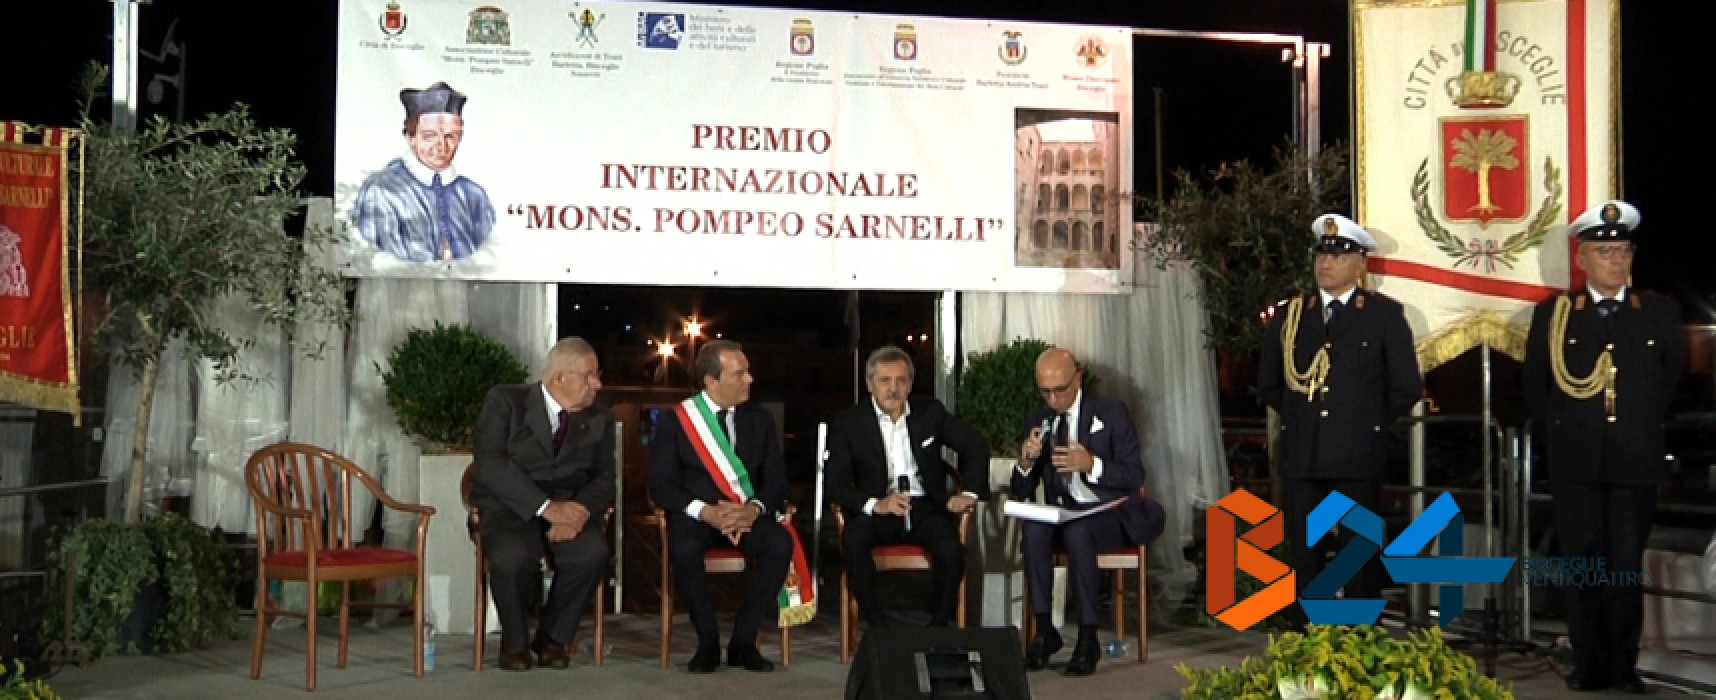 Premio Sarnelli 2017, i premiati dell'edizione 2017: c'è anche Daniele Rotondo